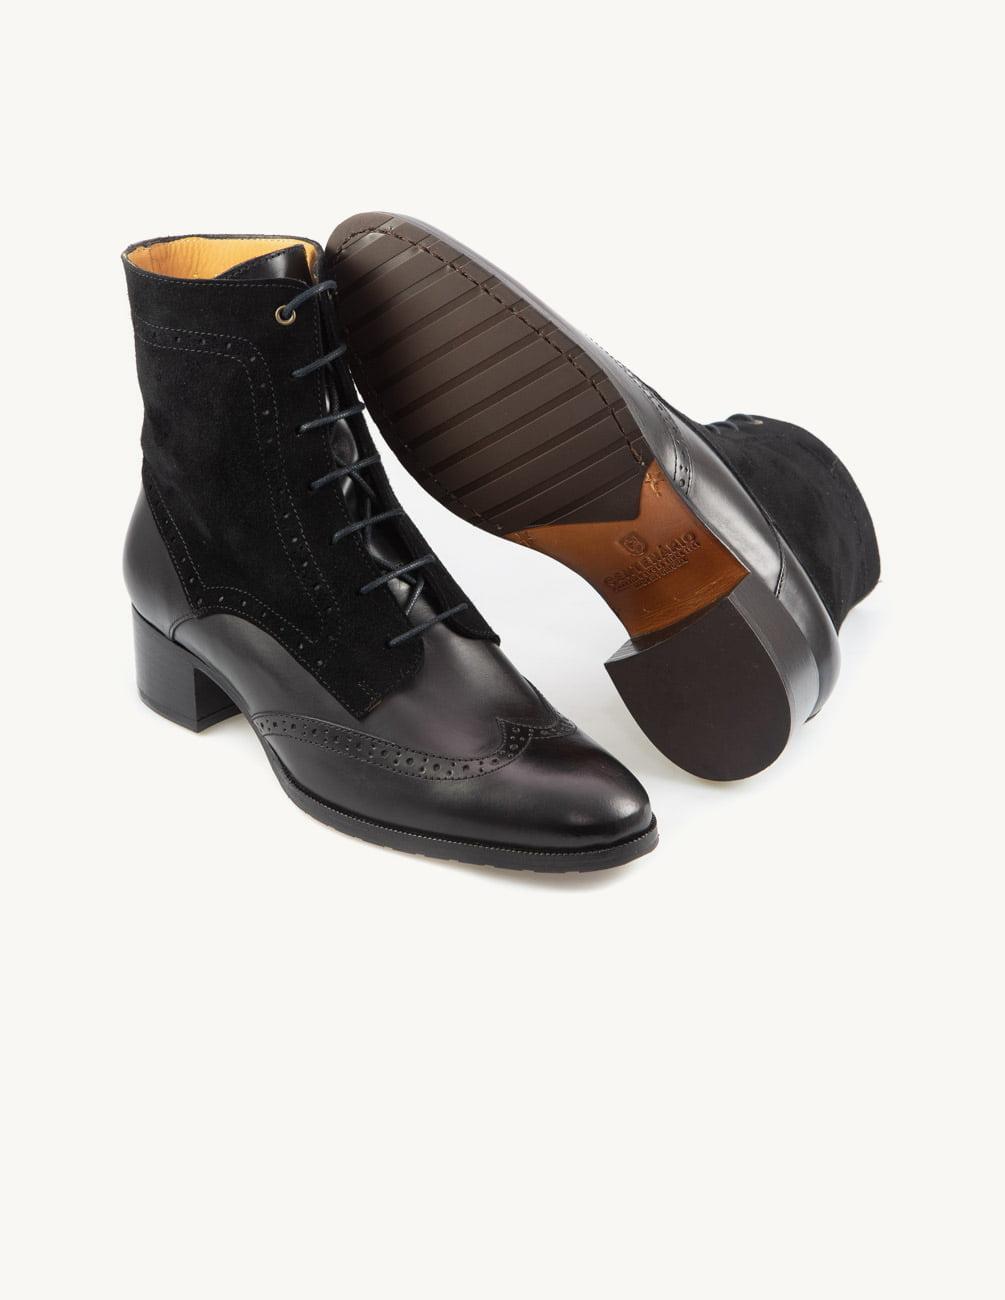 Botim de salto alto preto - versátil e elegante